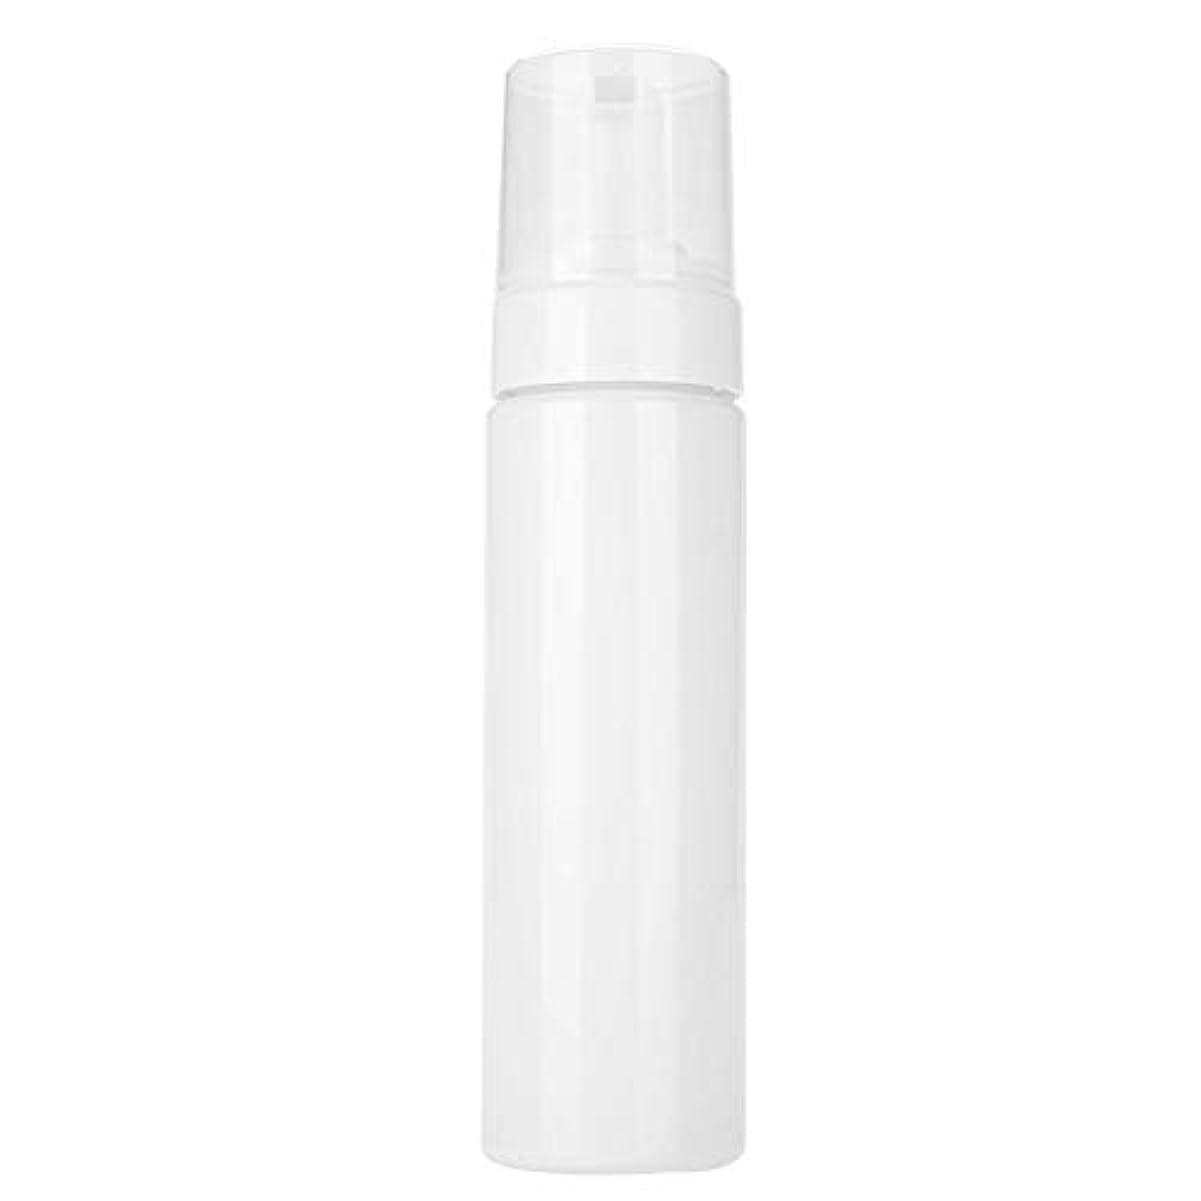 効能スペース国発泡ボトル 石鹸ディスペンサー 発泡ポンプ